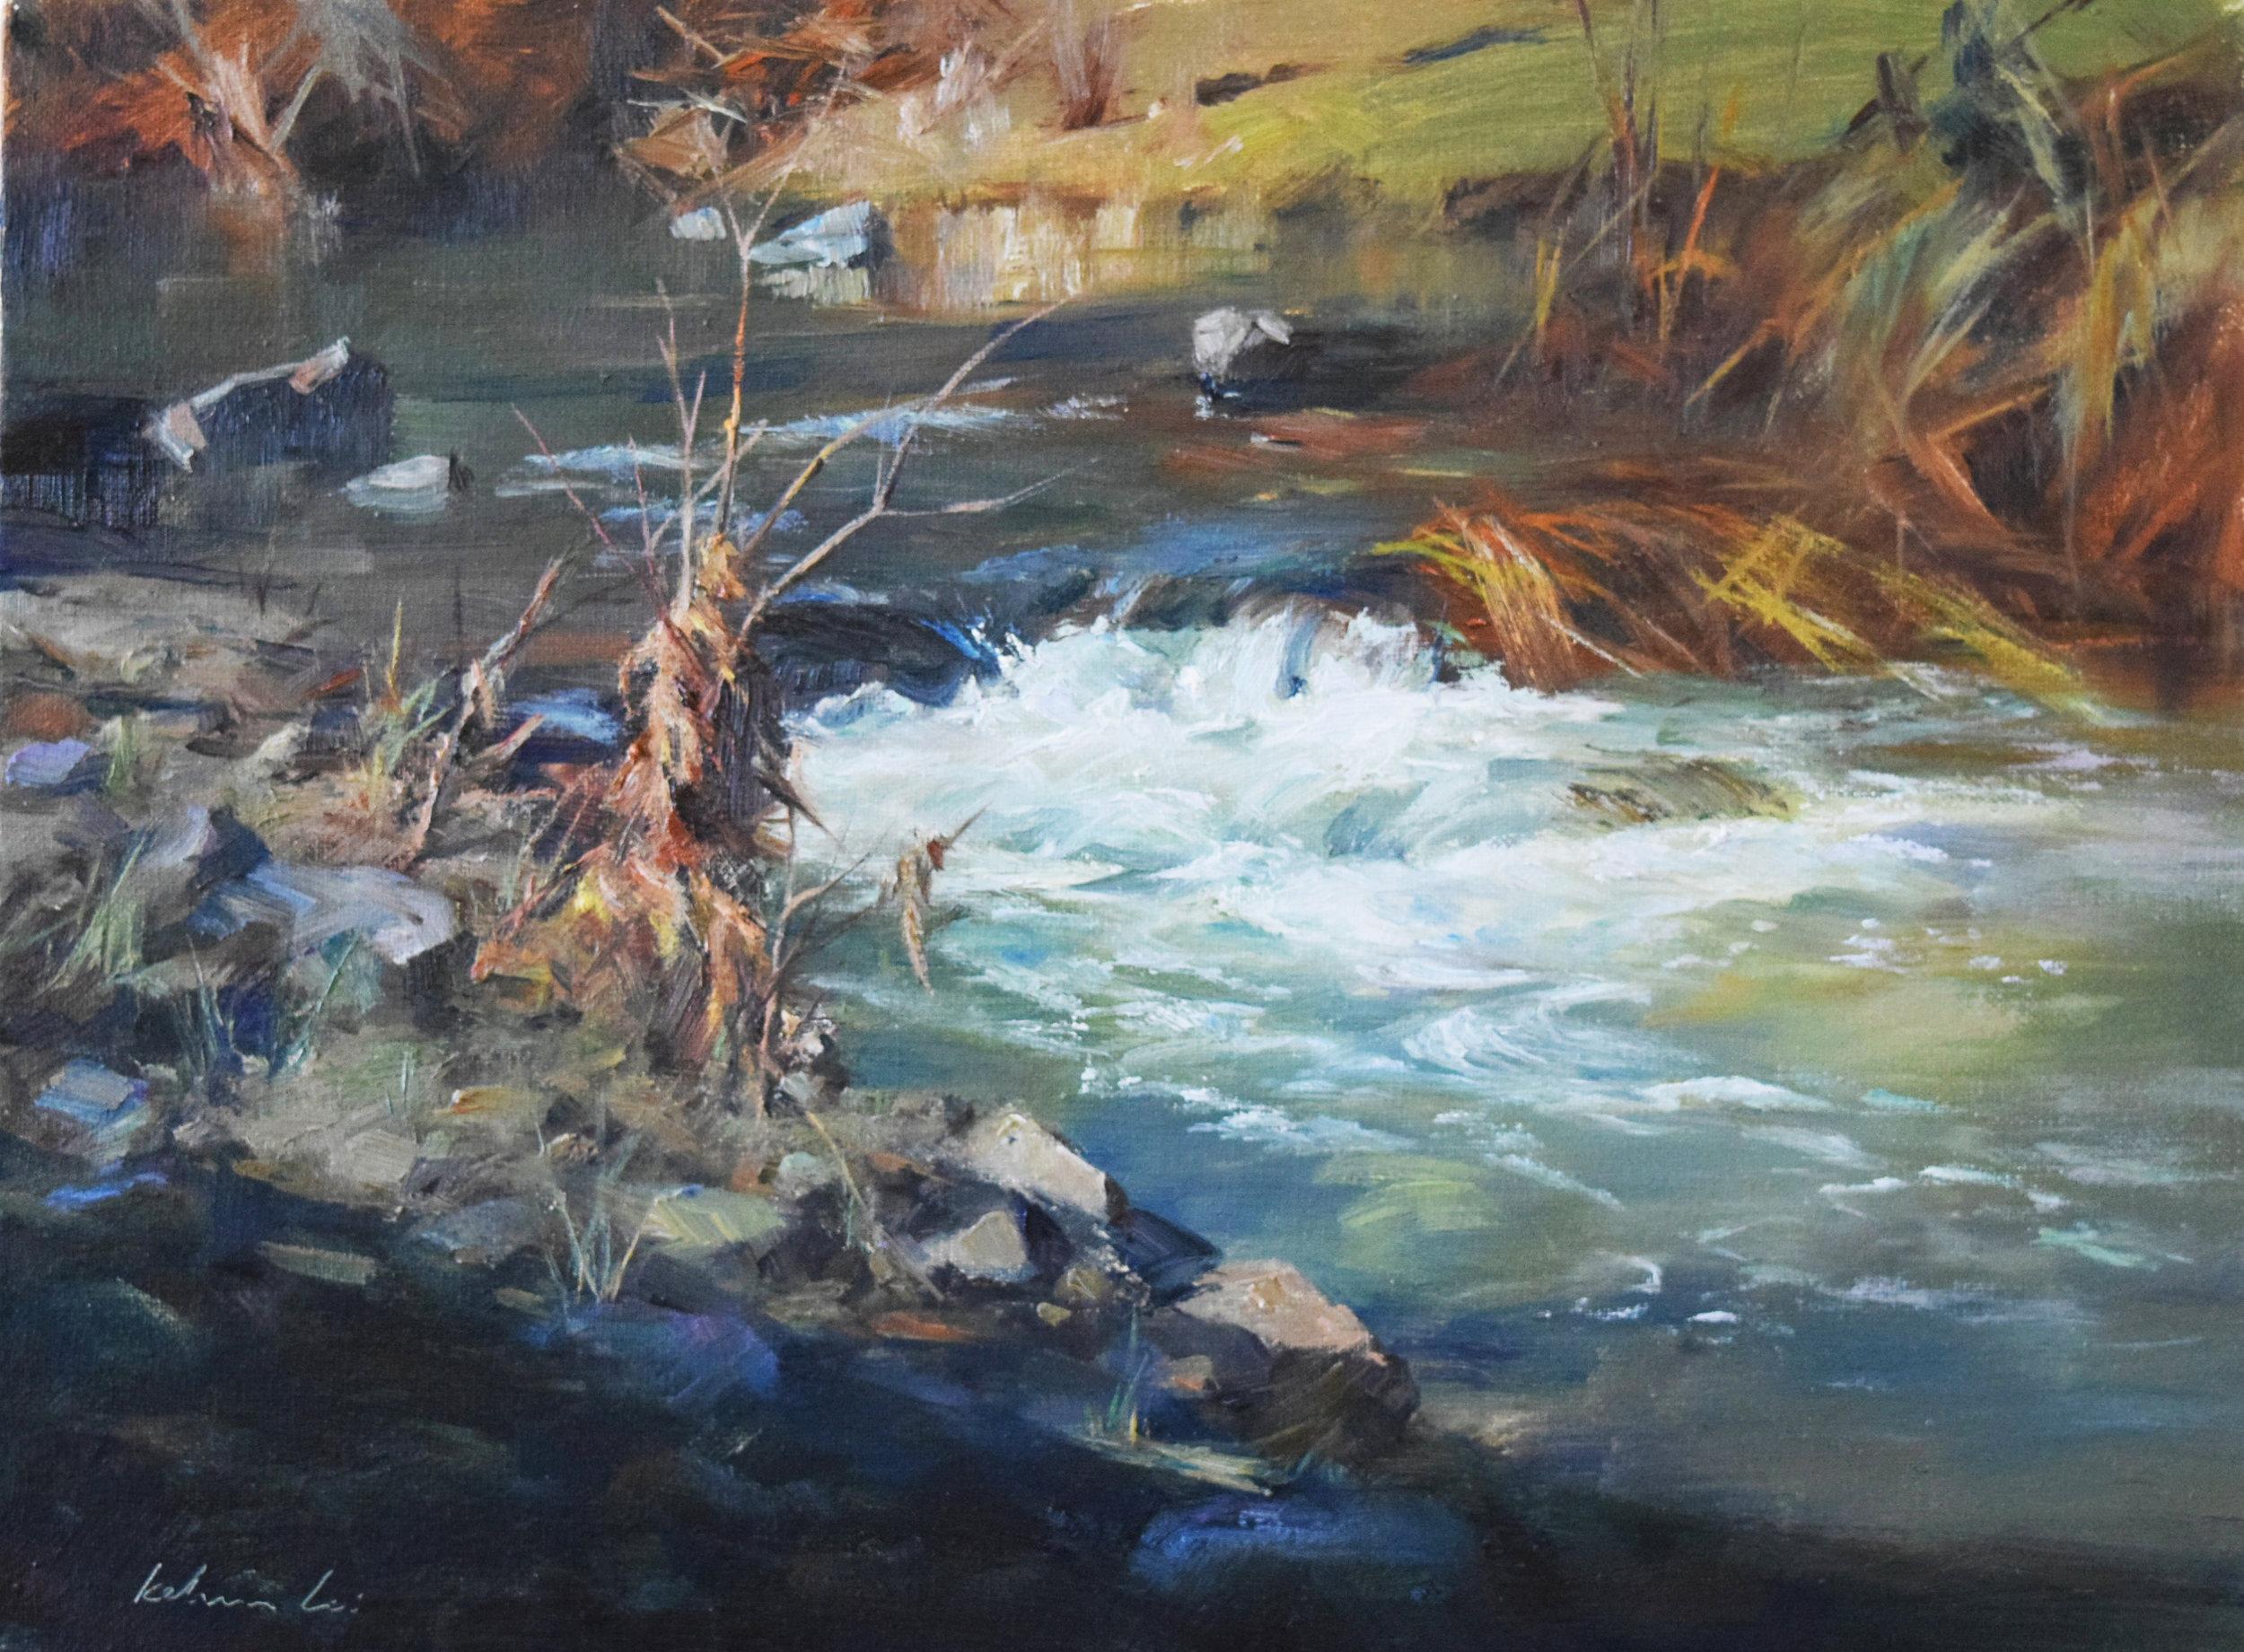 River Series #2